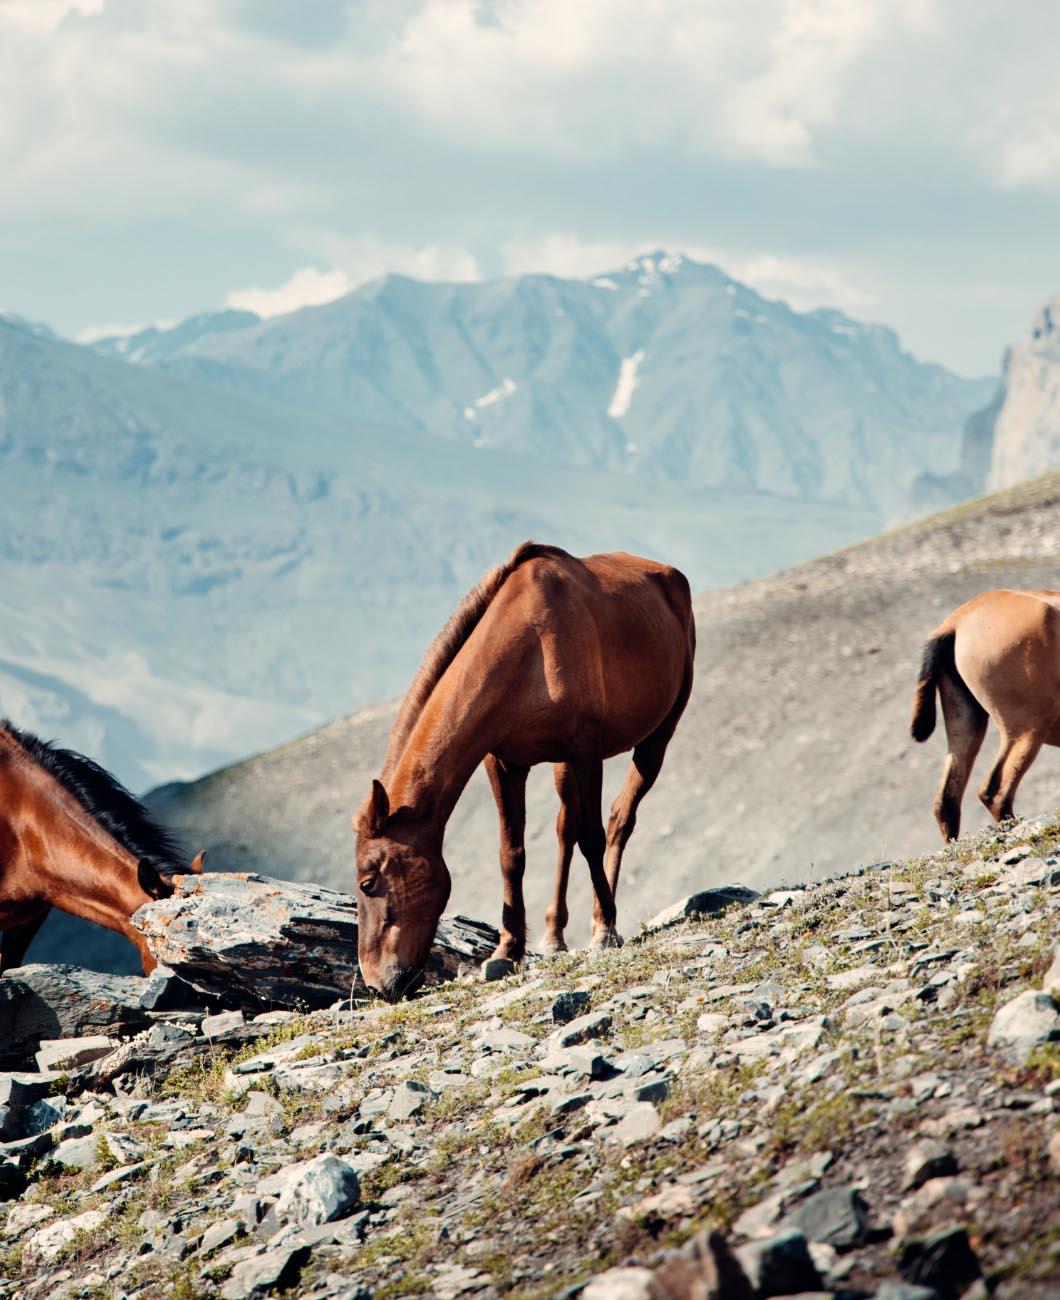 Horses_mountains_terrains_diet_La_Polo